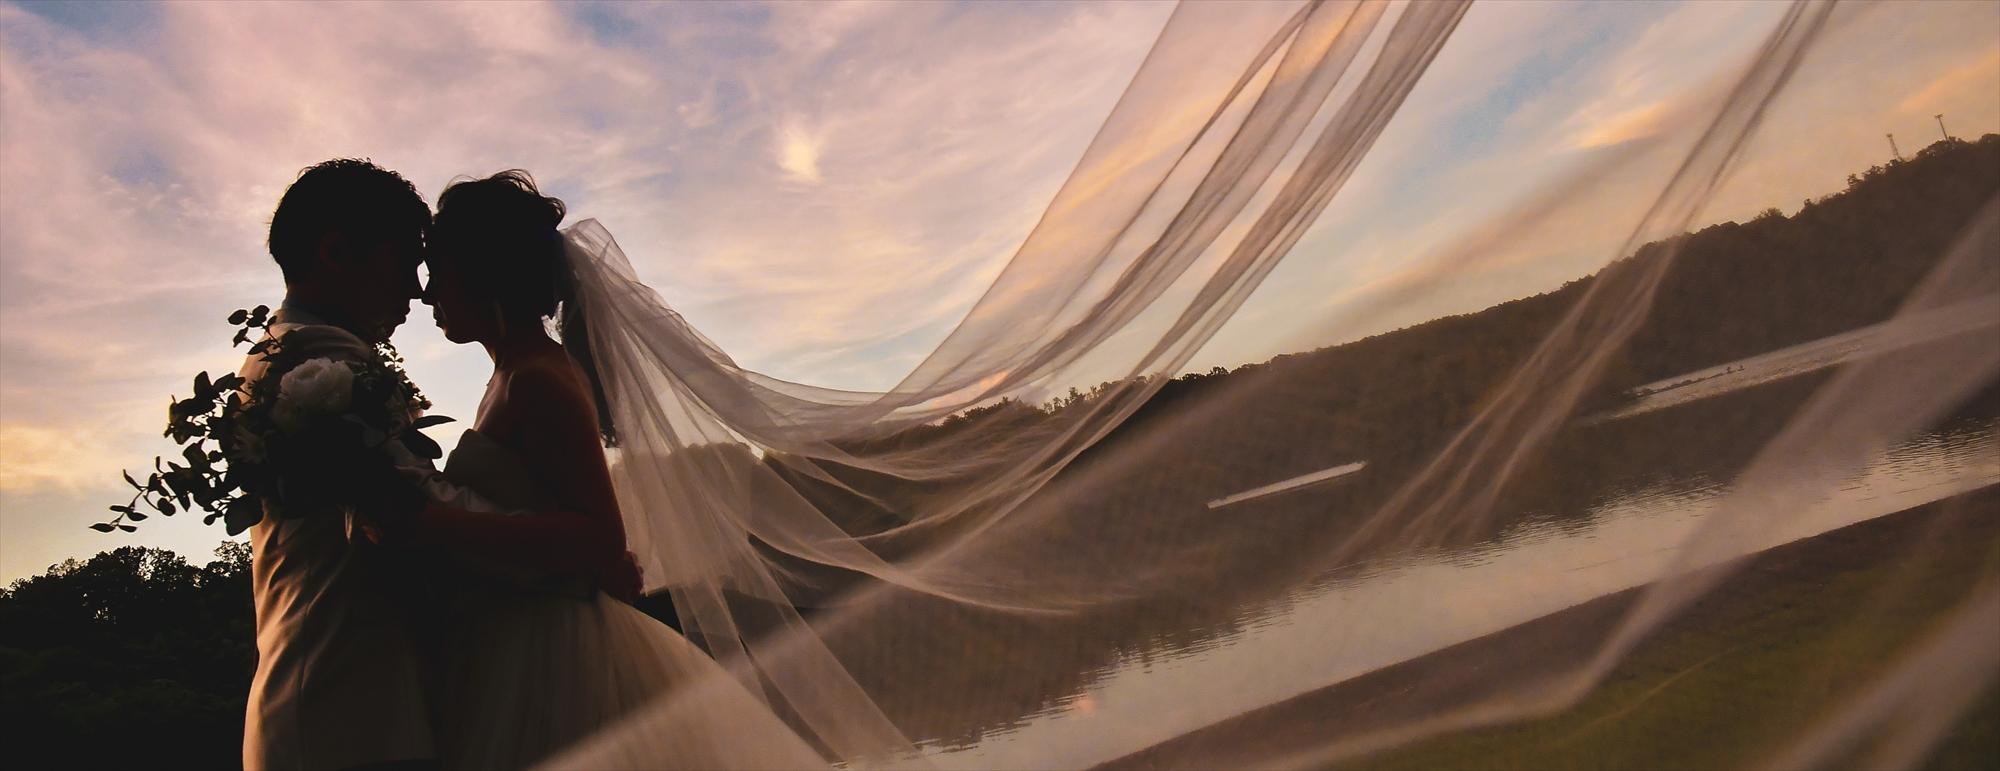 伊豆サンセット・フォトウェディング Izu Sunset Photo Wedding Lake Ippleki 伊豆前撮り・おすすめロケーション 一碧湖